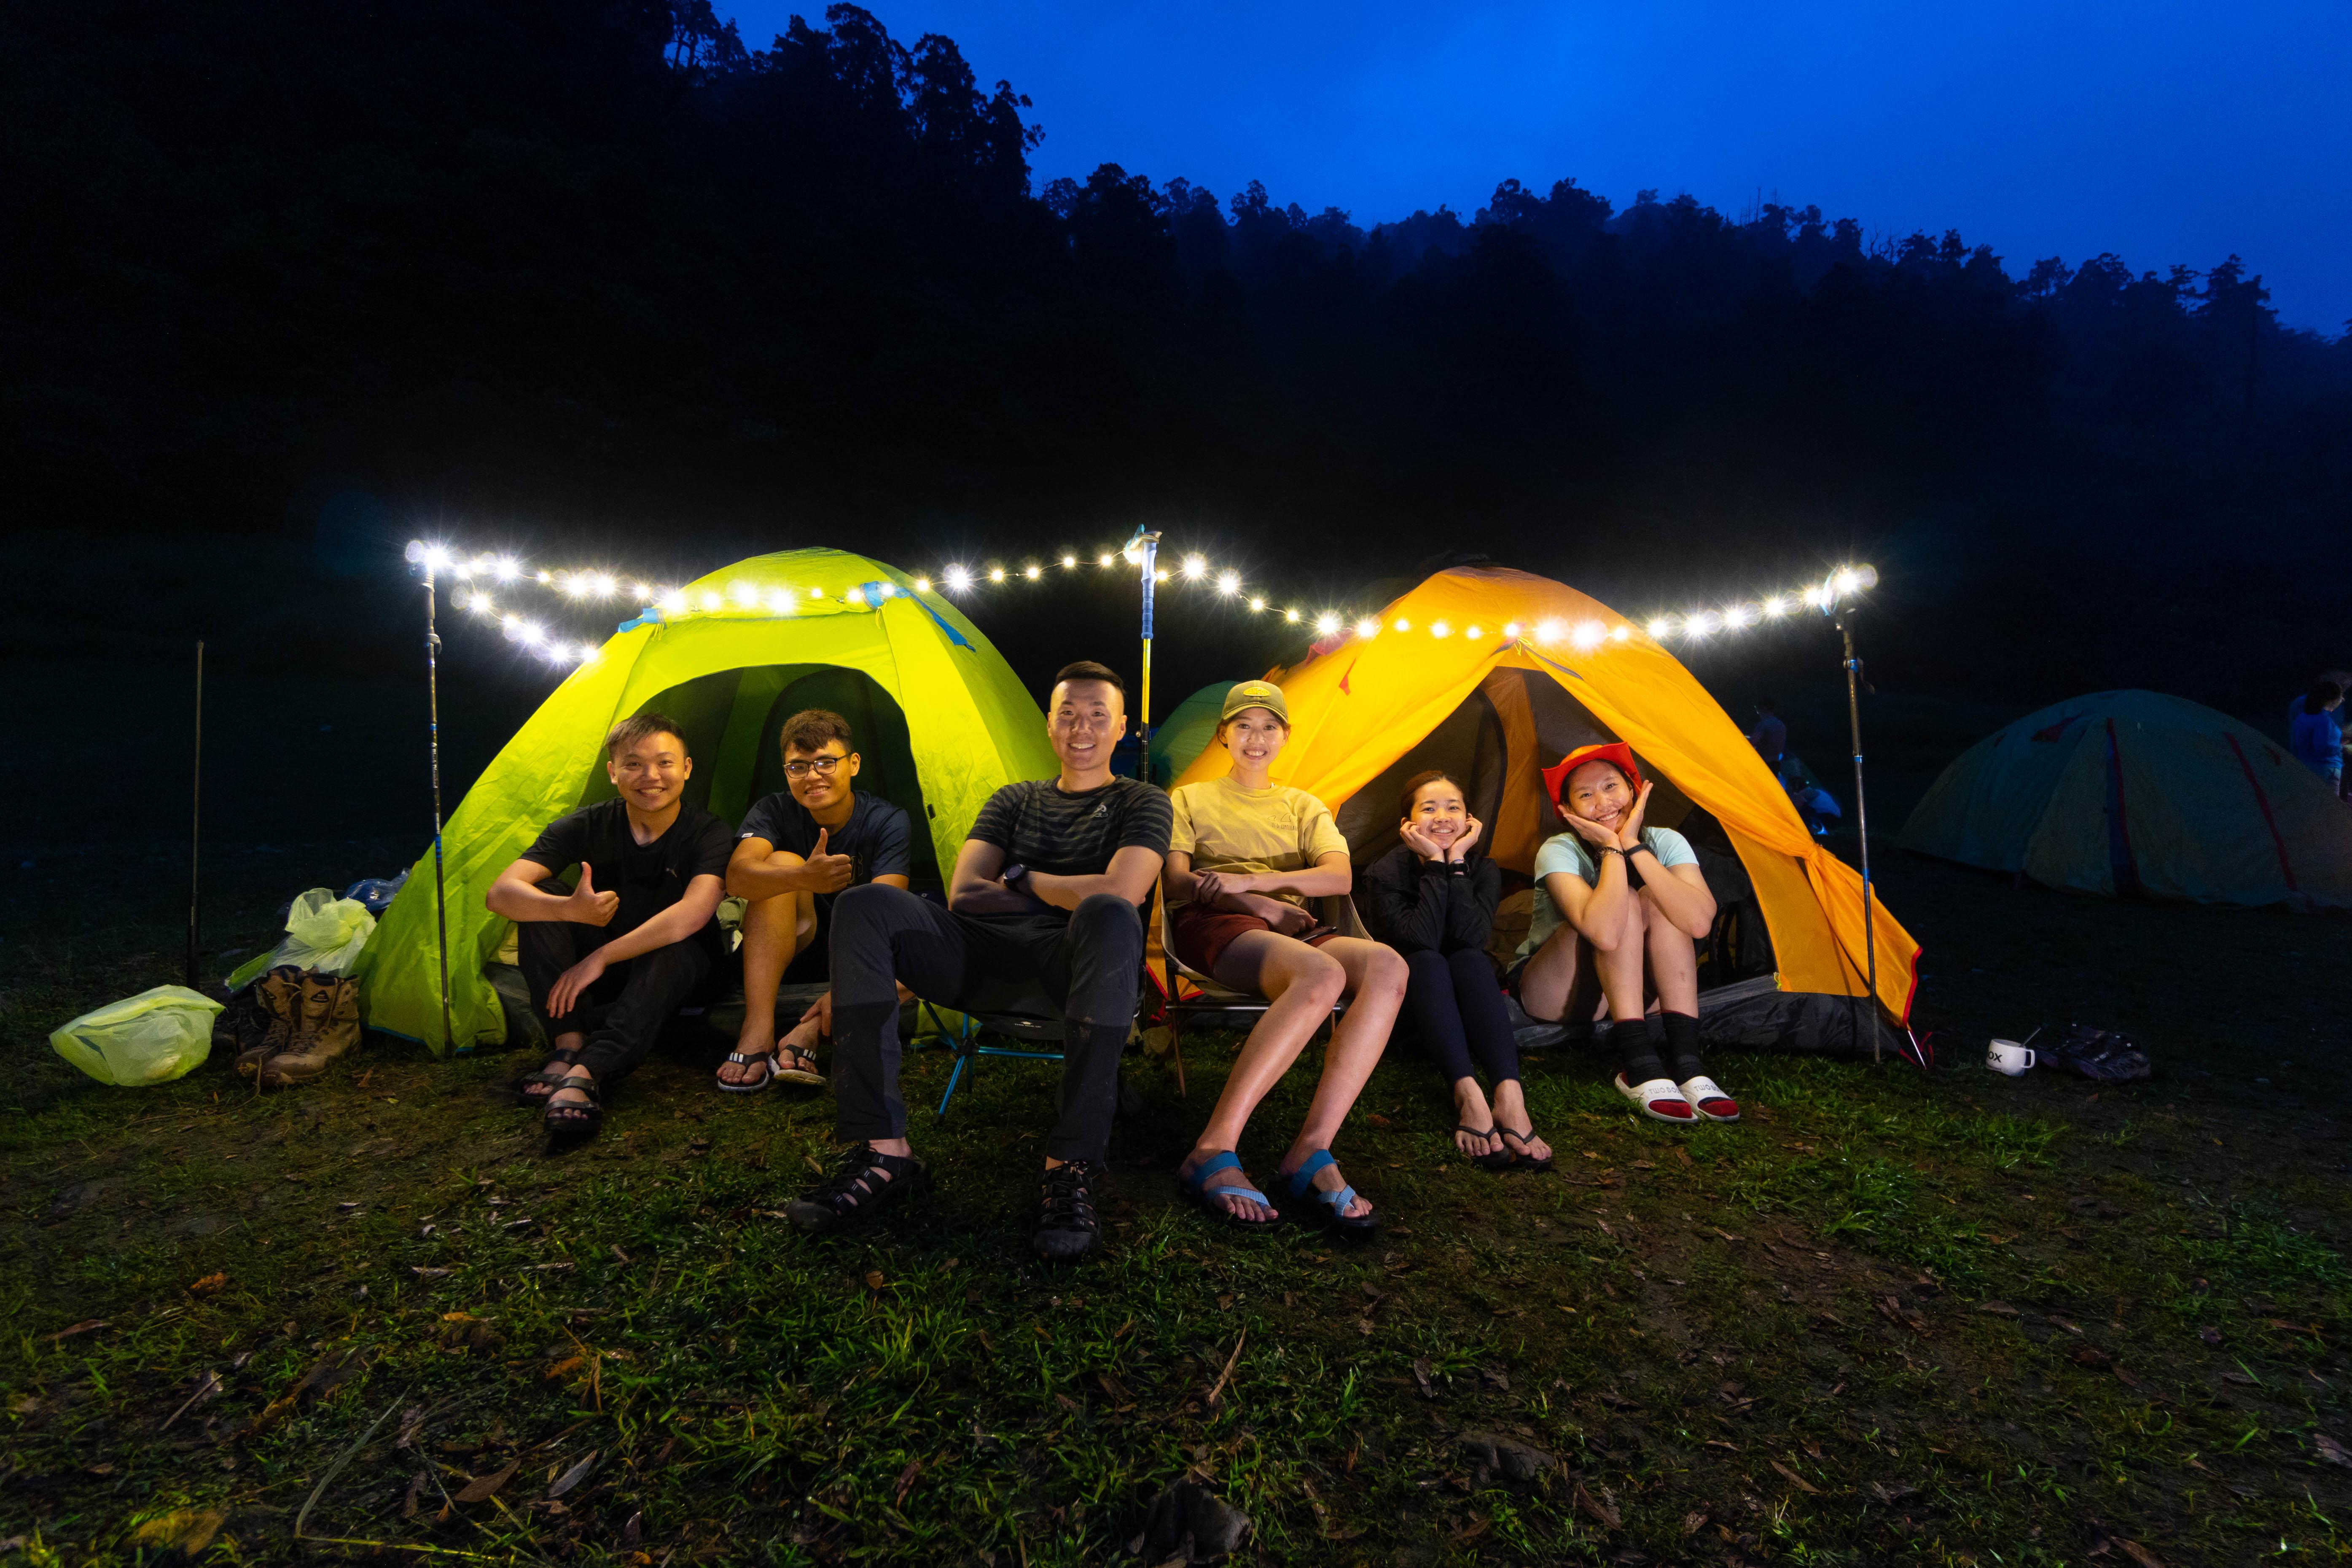 奧丁丁體驗獨家推出YouTuber&部落客登山行程 火熱開賣創下8分鐘秒殺